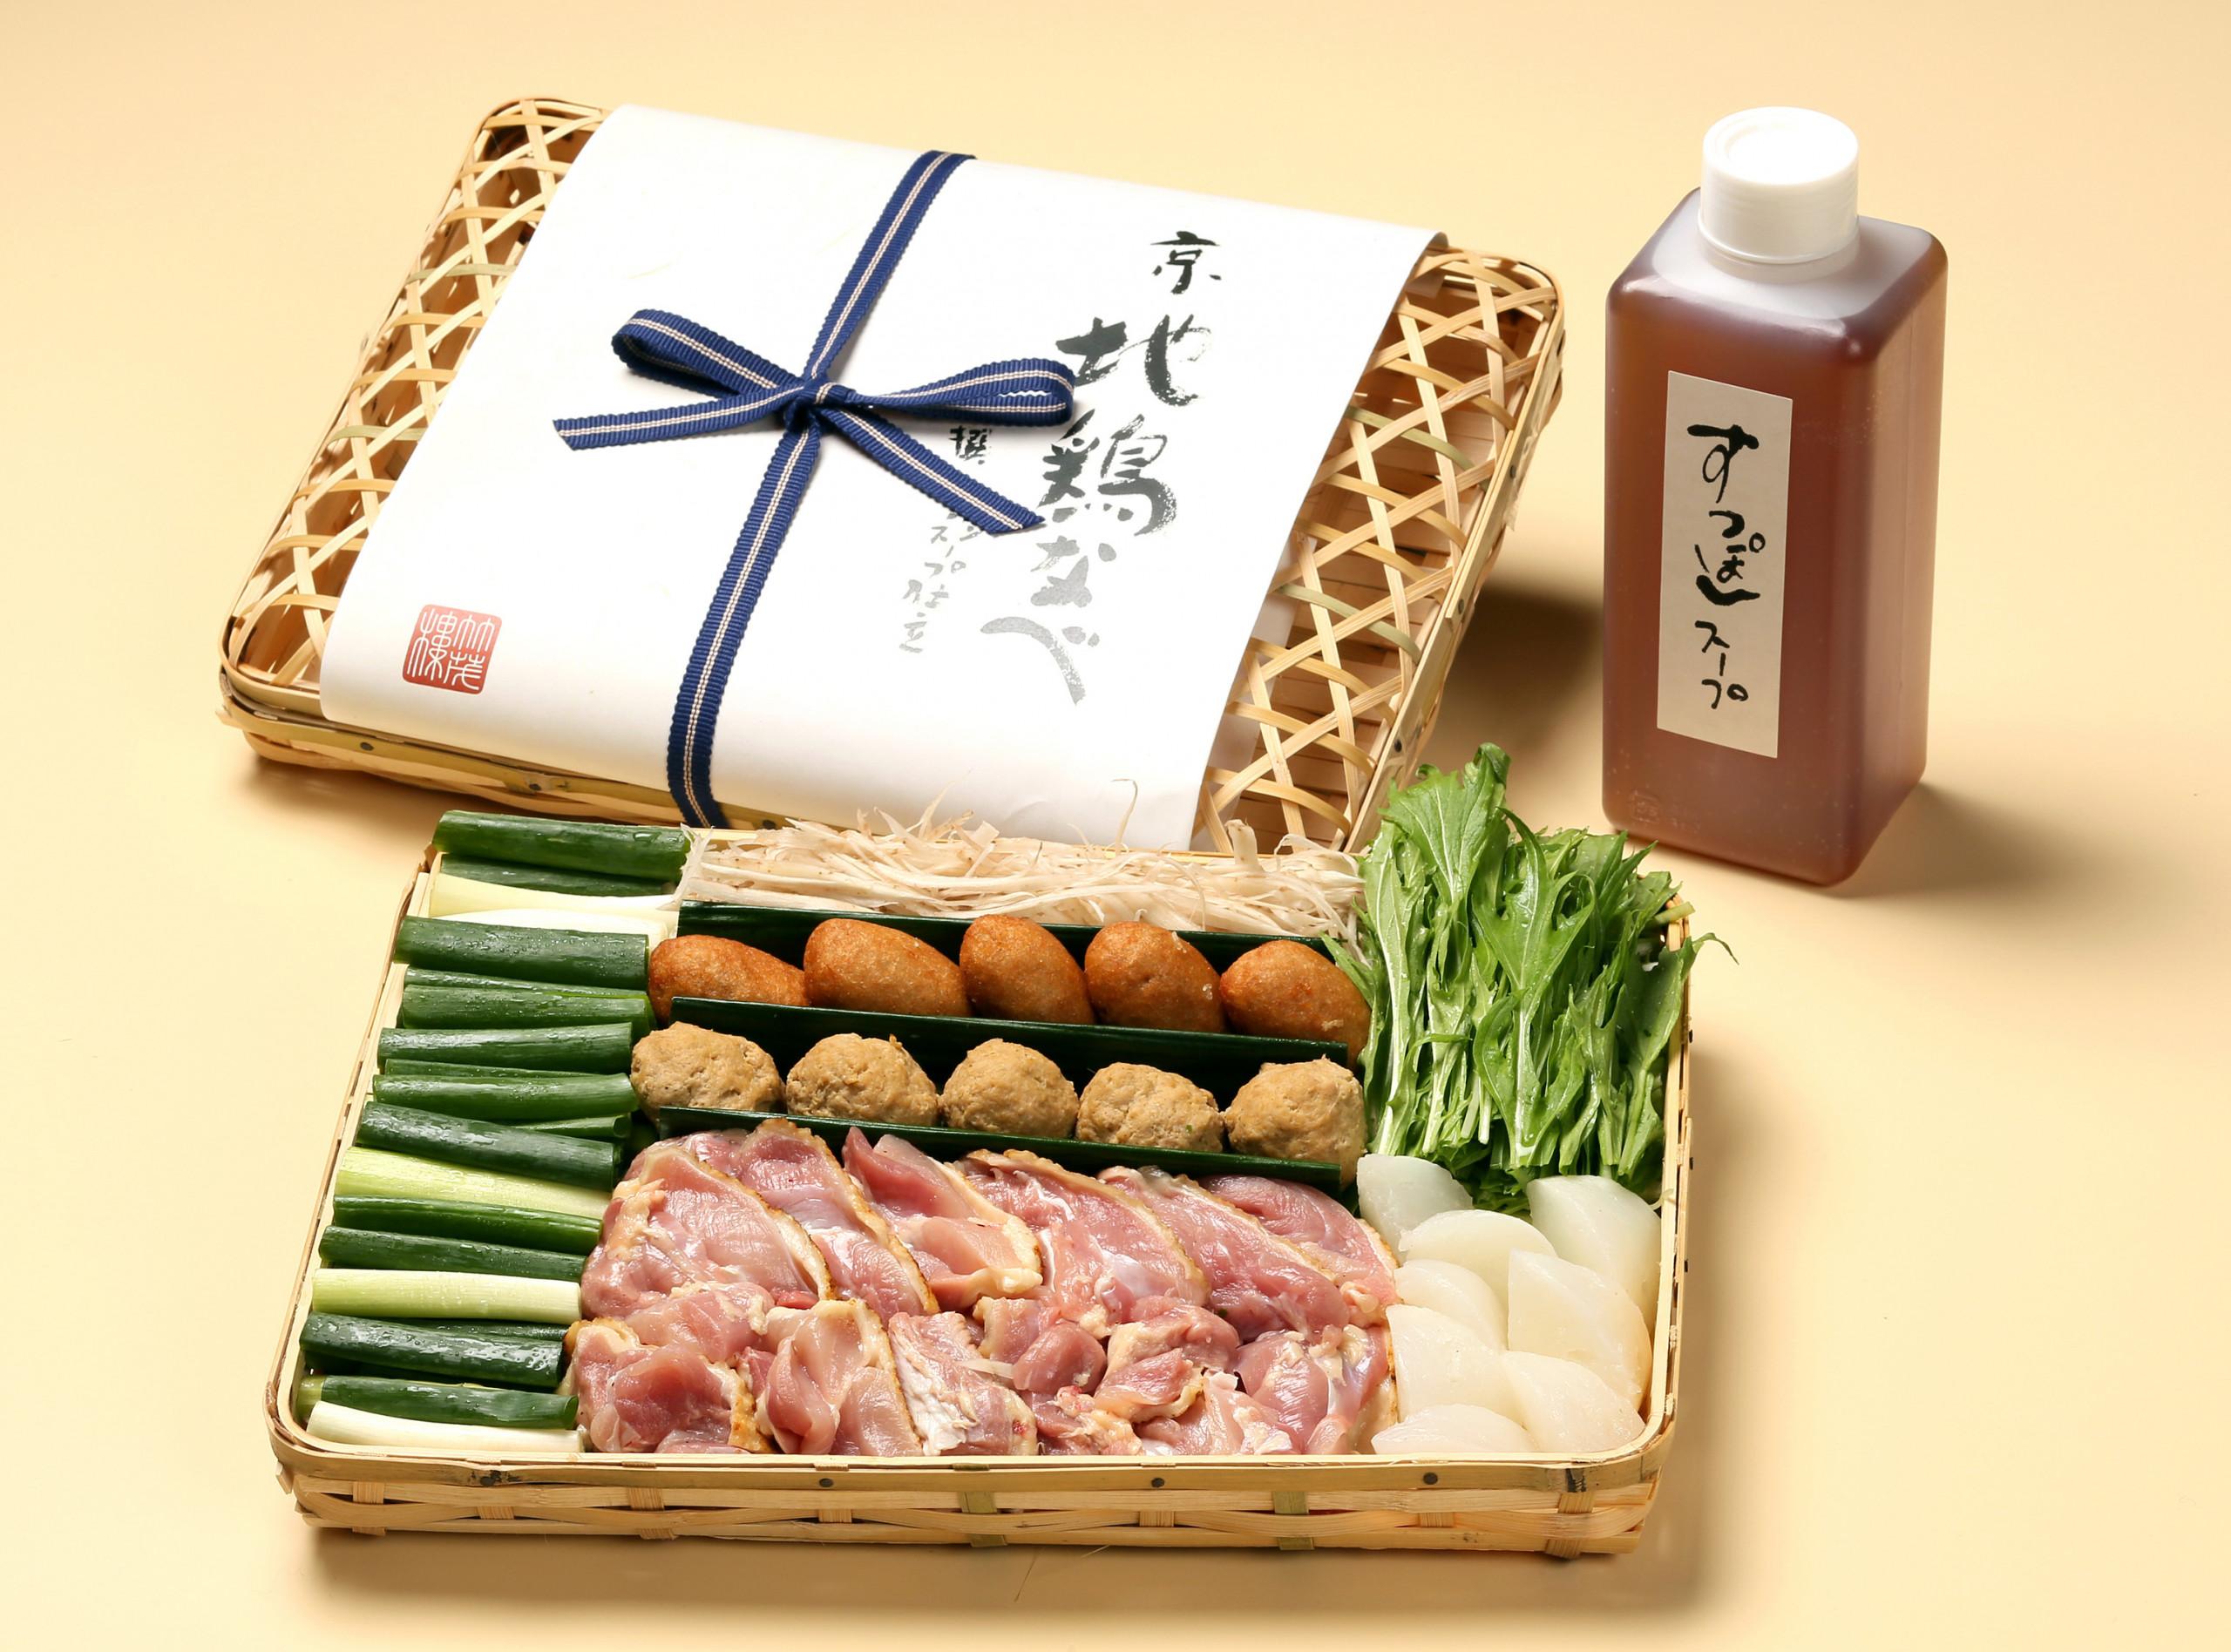 【京懐石美濃吉竹茂楼】京地鶏鍋特選すっぽんスープ仕立